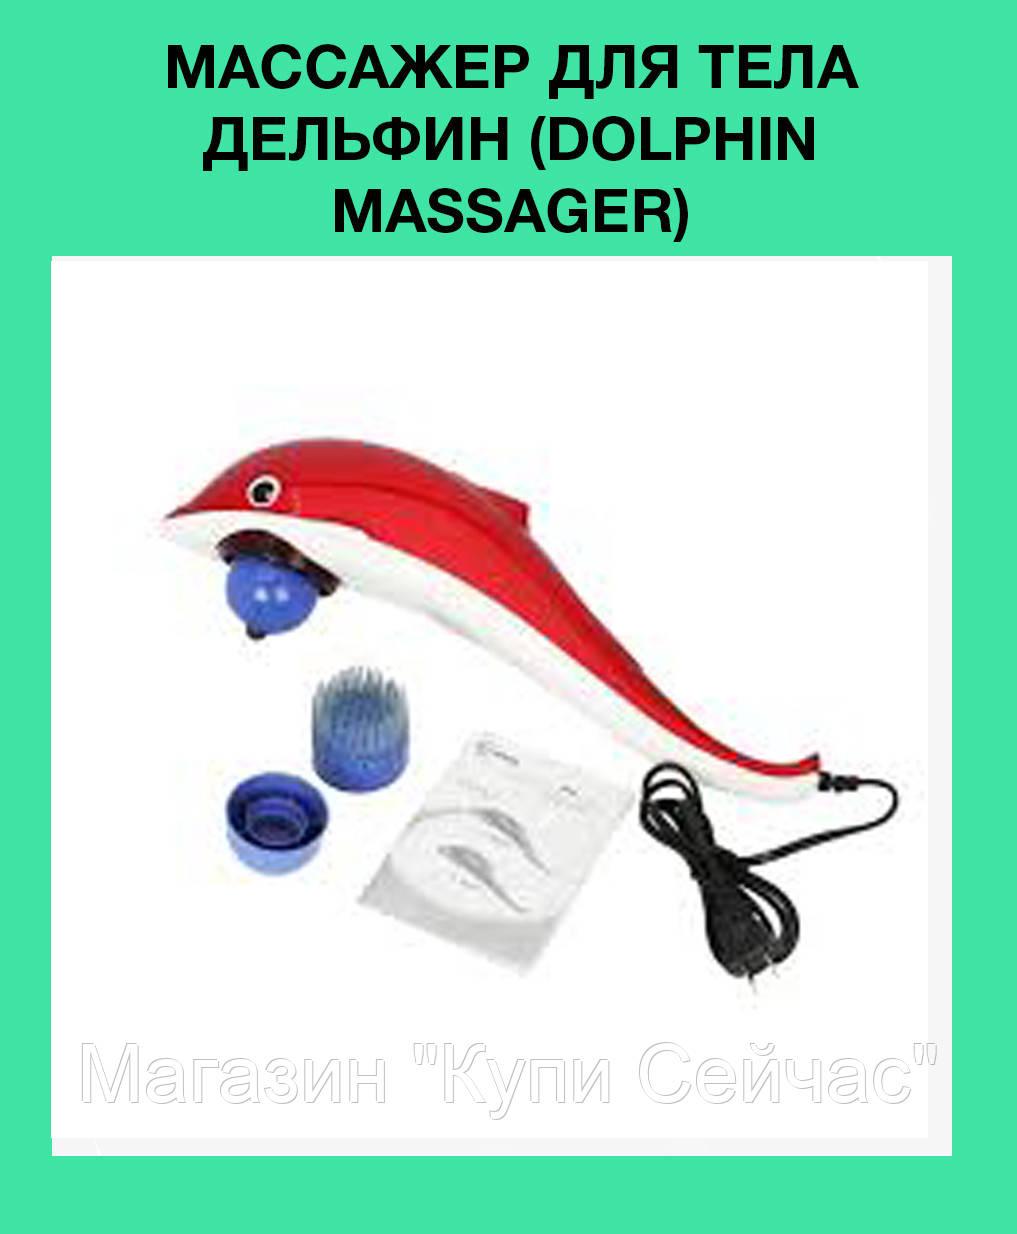 Купить электромассажер для тела без предоплаты Озонотерапия волосистой Солнечная улица Чебоксары